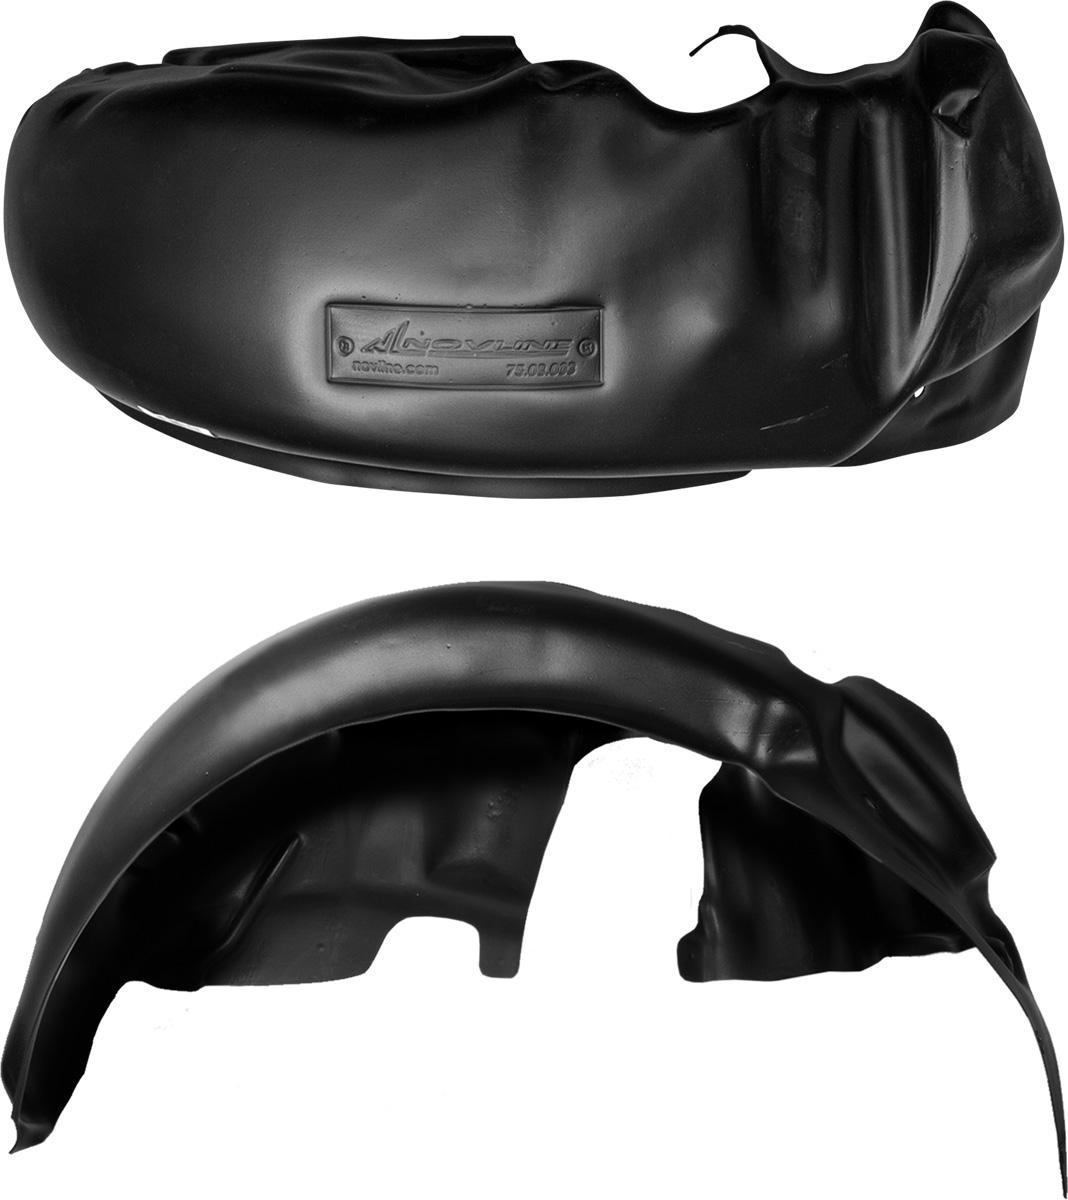 Подкрылок Novline-Autofamily, для Toyota Camry, 07/2006-2011, задний левыйCA-3505Колесные ниши - одни из самых уязвимых зон днища вашего автомобиля. Они постоянно подвергаются воздействию со стороны дороги. Лучшая, почти абсолютная защита для них - специально отформованные пластиковые кожухи, которые называются подкрылками. Производятся они как для отечественных моделей автомобилей, так и для иномарок. Подкрылки Novline-Autofamily выполнены из высококачественного, экологически чистого пластика. Обеспечивают надежную защиту кузова автомобиля от пескоструйного эффекта и негативного влияния, агрессивных антигололедных реагентов. Пластик обладает более низкой теплопроводностью, чем металл, поэтому в зимний период эксплуатации использование пластиковых подкрылков позволяет лучше защитить колесные ниши от налипания снега и образования наледи. Оригинальность конструкции подчеркивает элегантность автомобиля, бережно защищает нанесенное на днище кузова антикоррозийное покрытие и позволяет осуществить крепление подкрылков внутри колесной арки практически без дополнительного крепежа и сверления, не нарушая при этом лакокрасочного покрытия, что предотвращает возникновение новых очагов коррозии. Подкрылки долговечны, обладают высокой прочностью и сохраняют заданную форму, а также все свои физико-механические характеристики в самых тяжелых климатических условиях (от -50°С до +50°С).Уважаемые клиенты!Обращаем ваше внимание, на тот факт, что подкрылок имеет форму, соответствующую модели данного автомобиля. Фото служит для визуального восприятия товара.